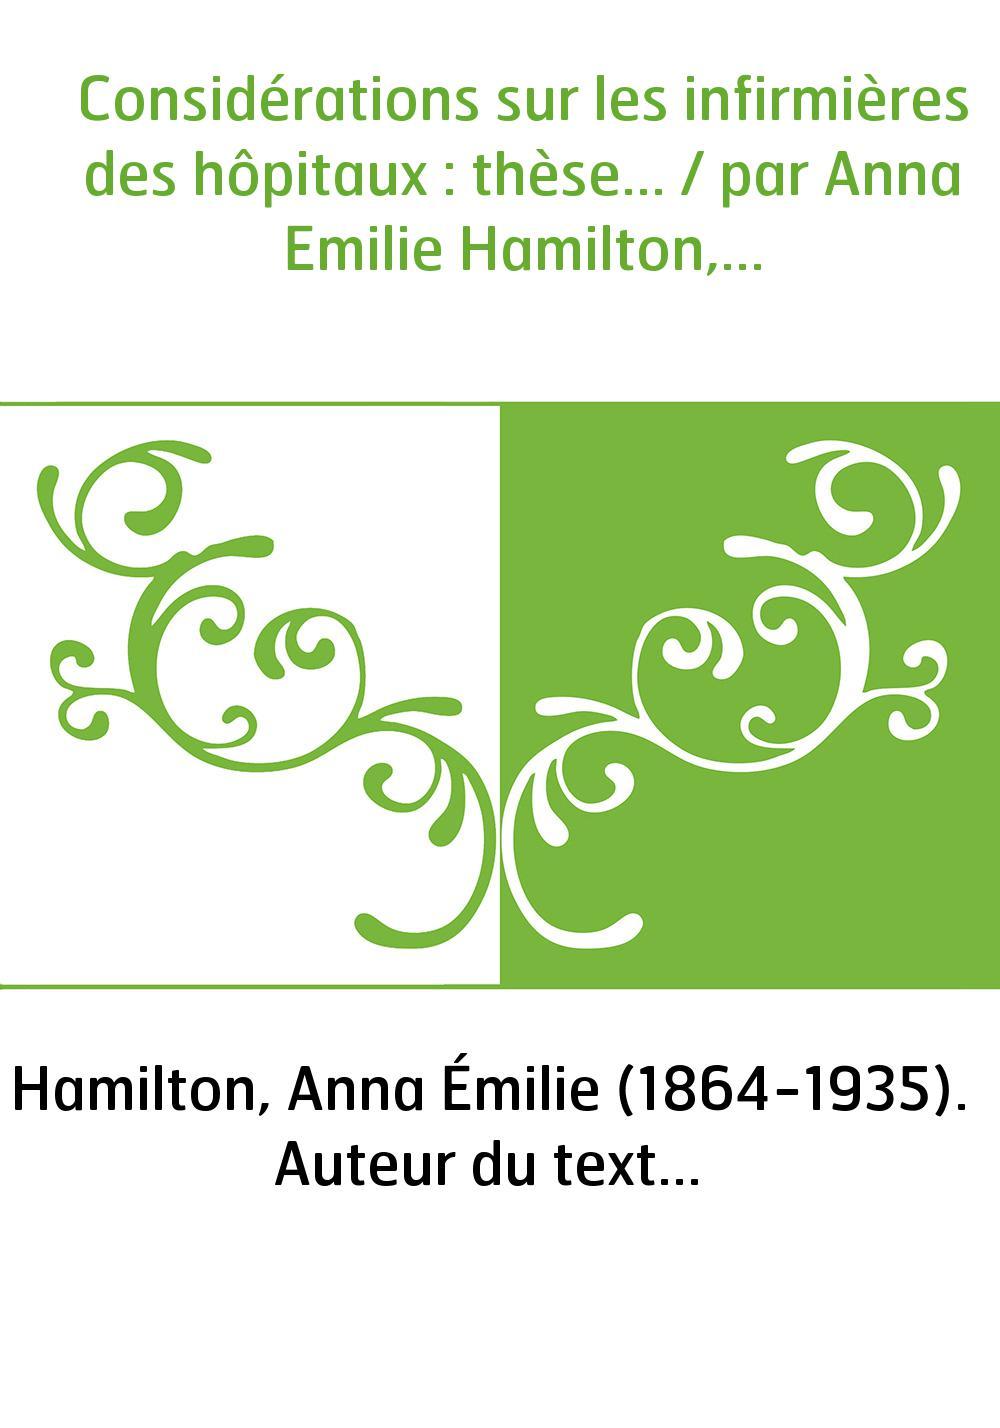 Considérations sur les infirmières des hôpitaux : thèse... / par Anna Emilie Hamilton,...